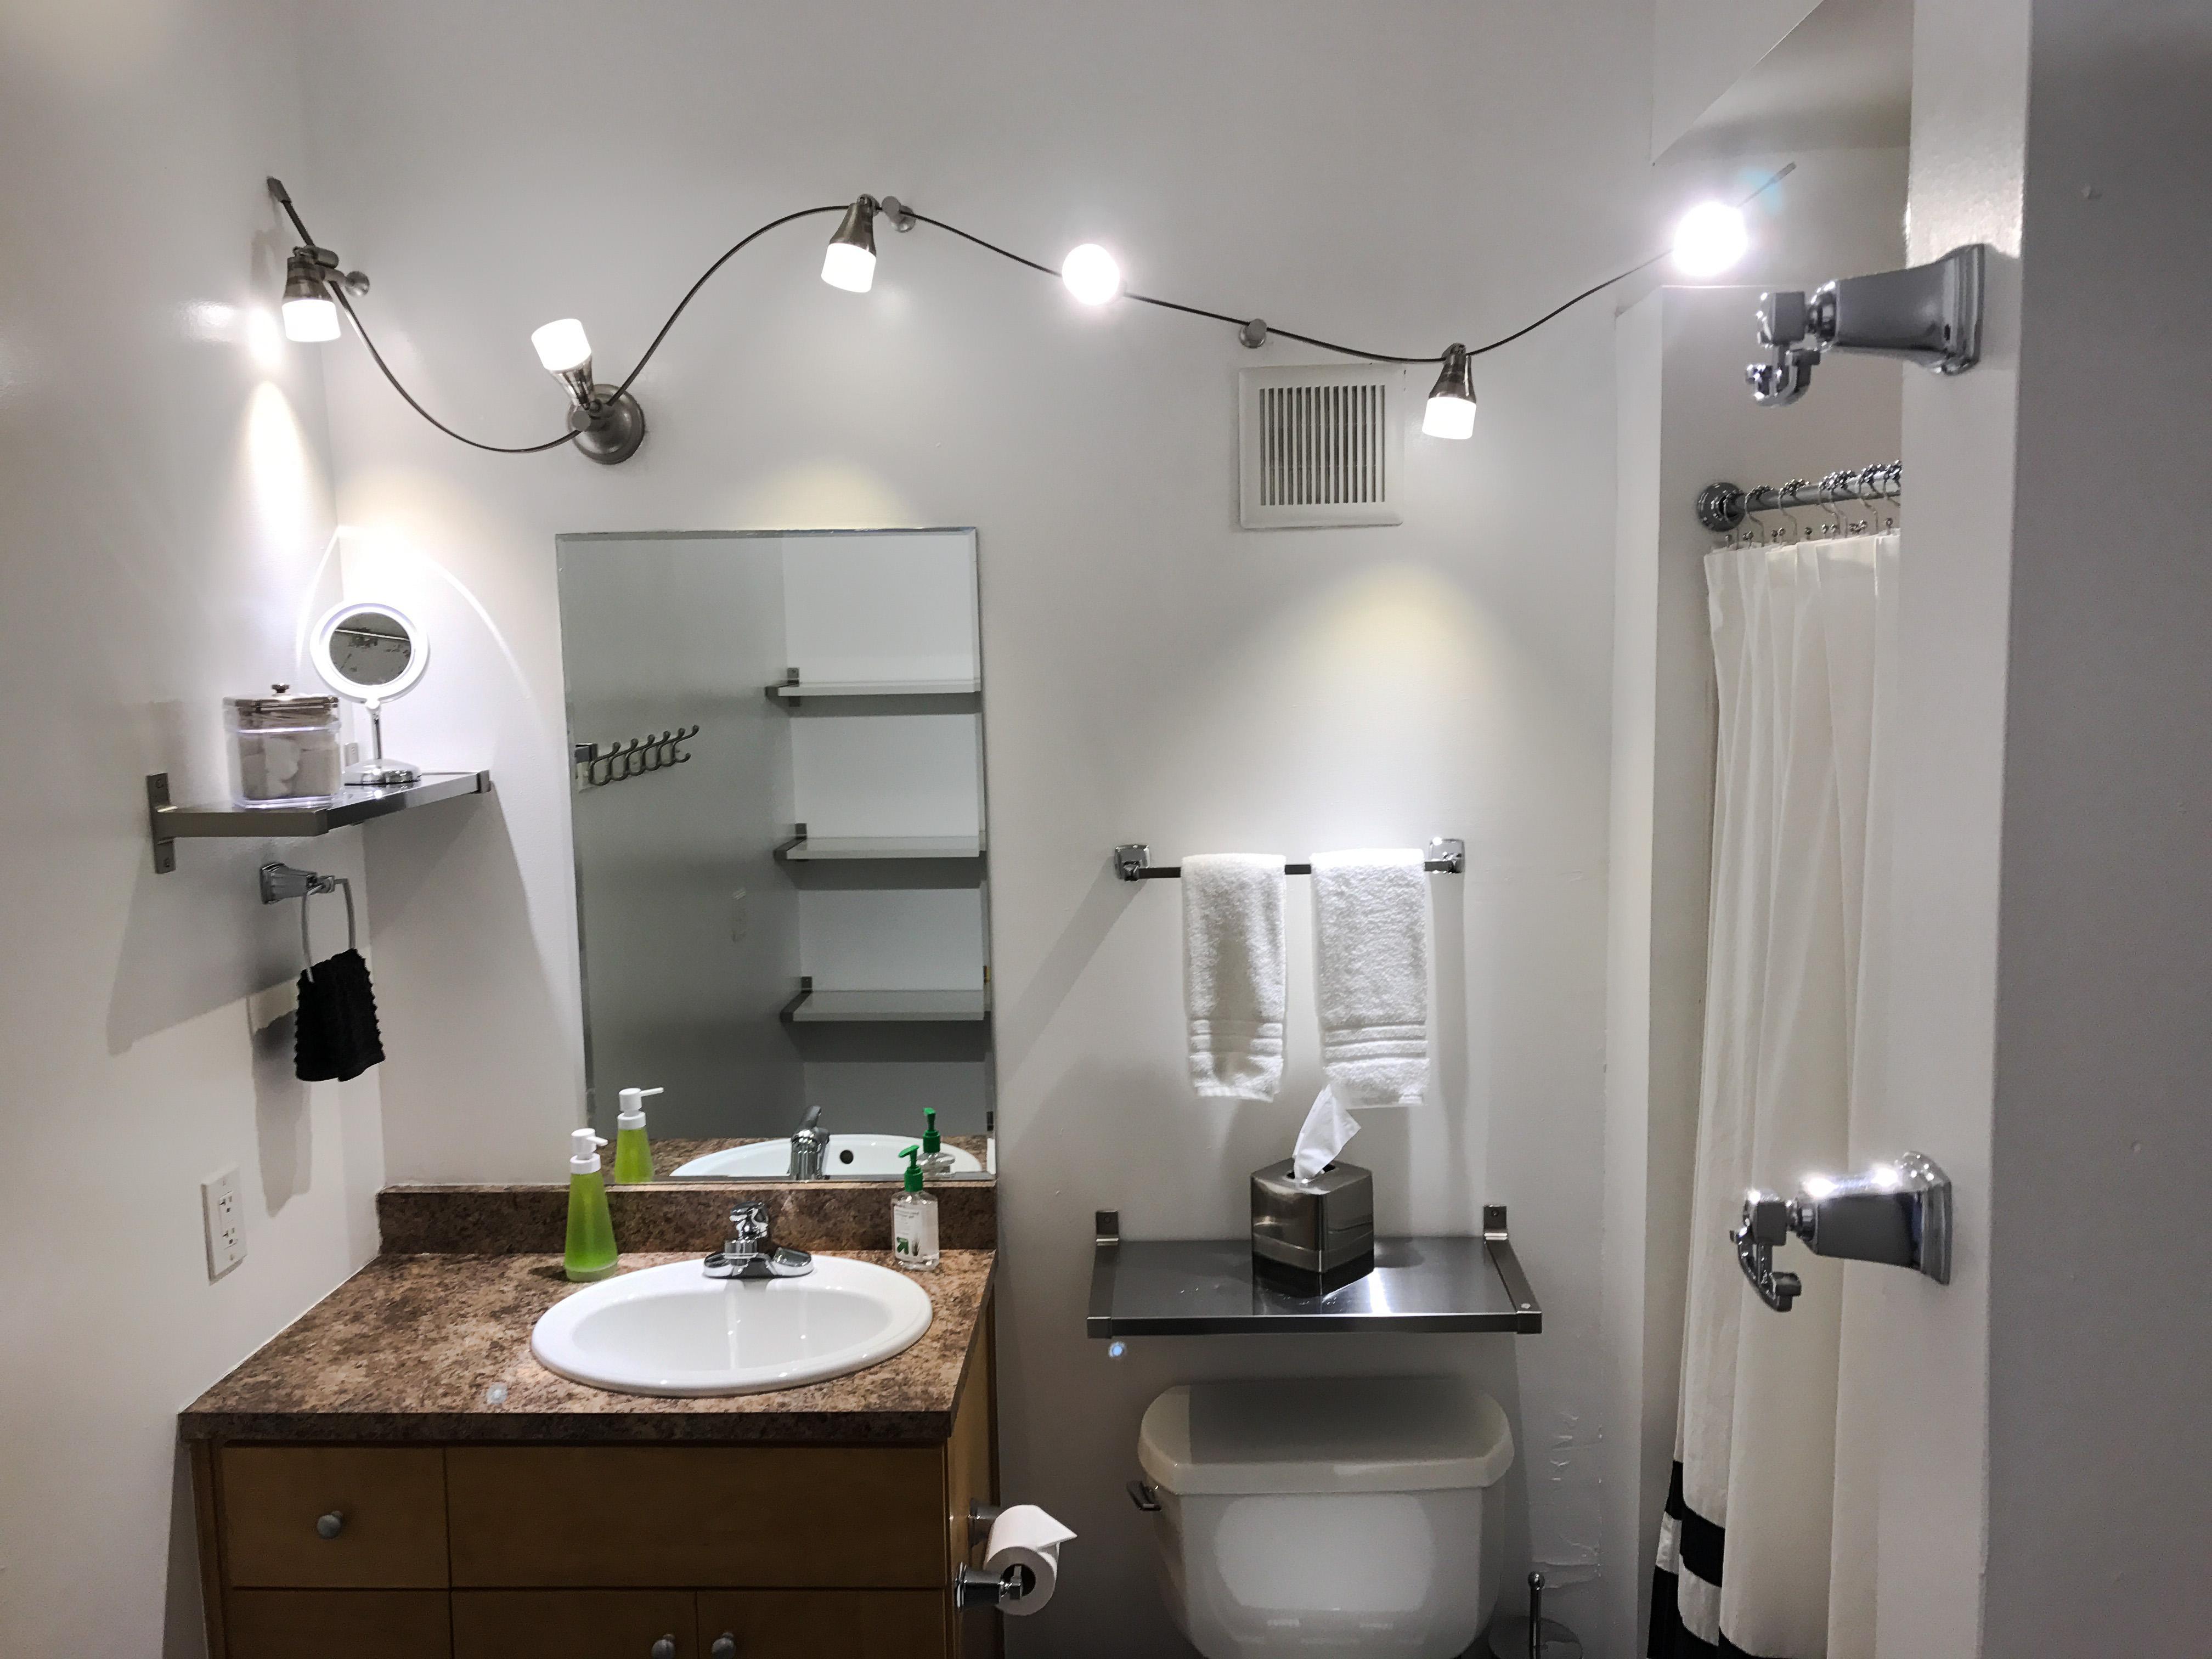 Loft Reverie Hotel 703 - Bathroom + Amenities + Lighting + Vanity Mirror + Shower + Soaps + Towels +